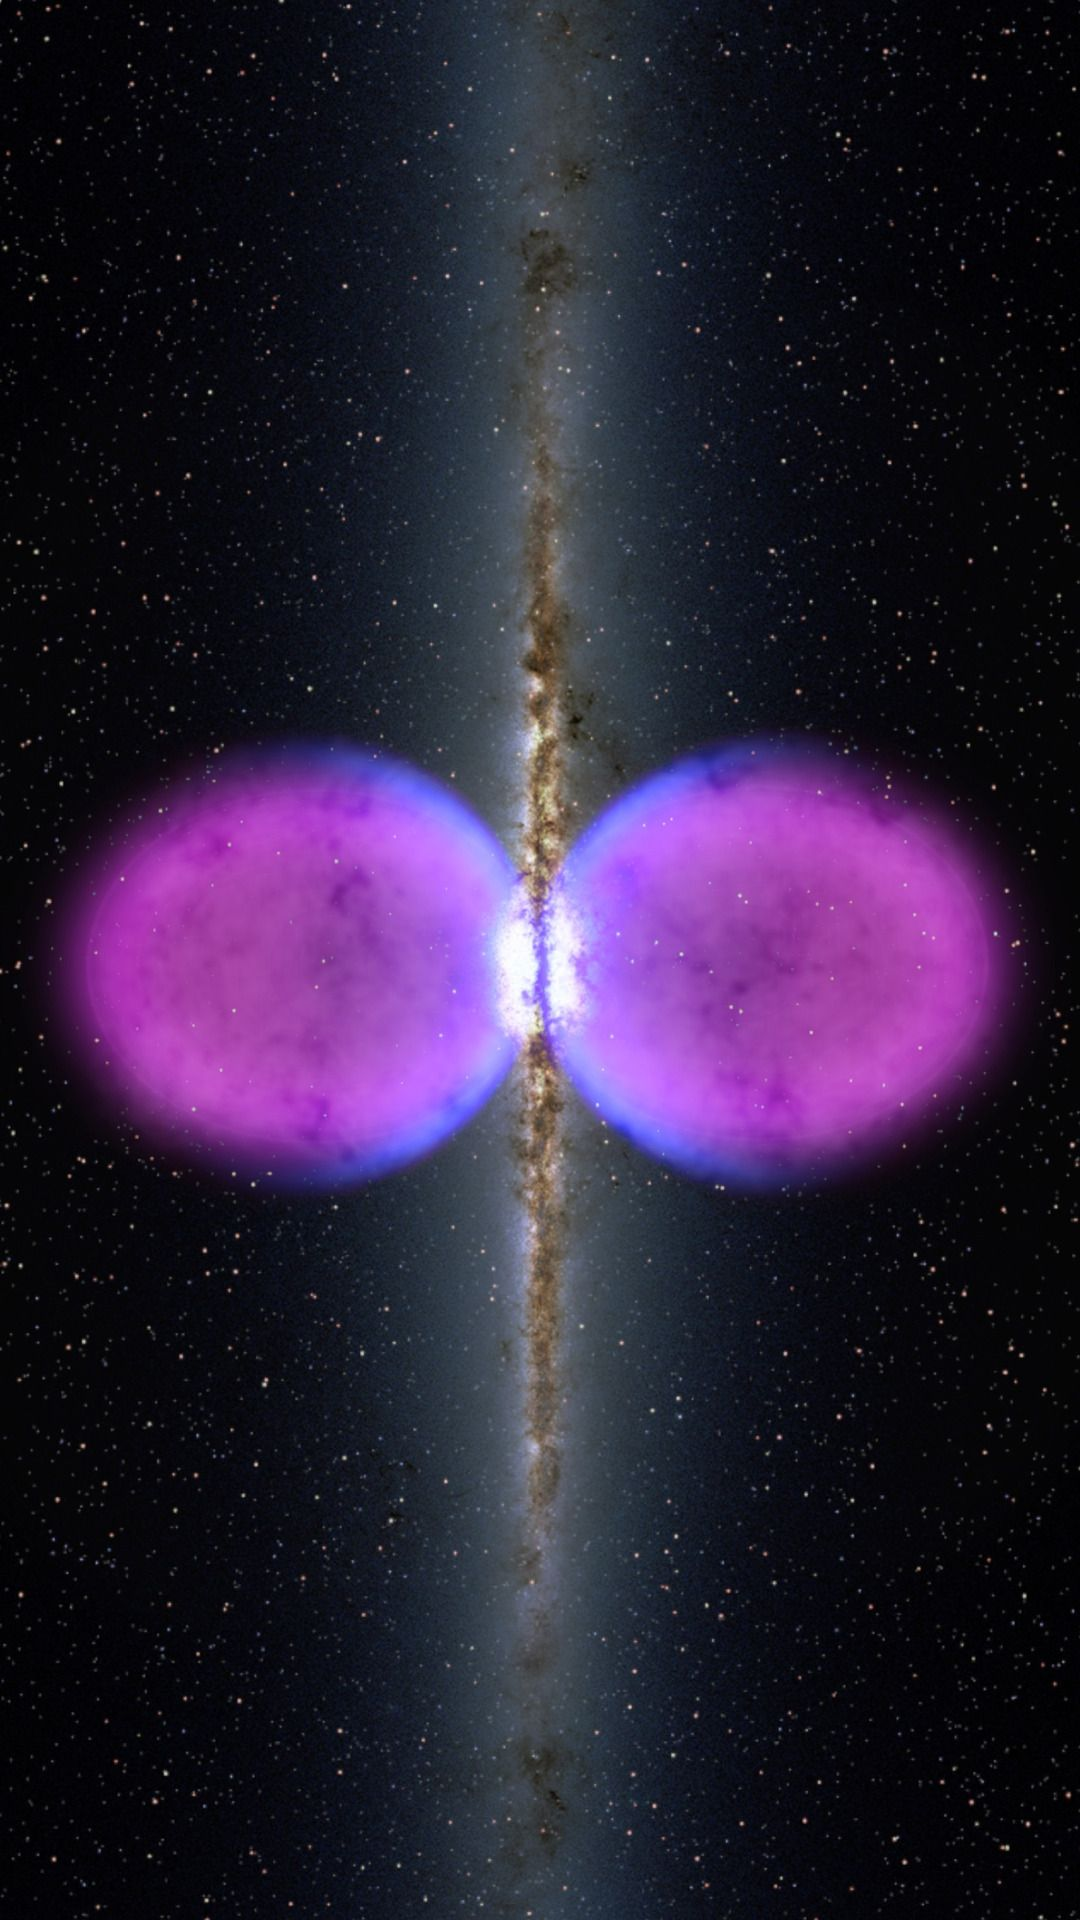 nasas fermi gammaray space telescope has unveiled a